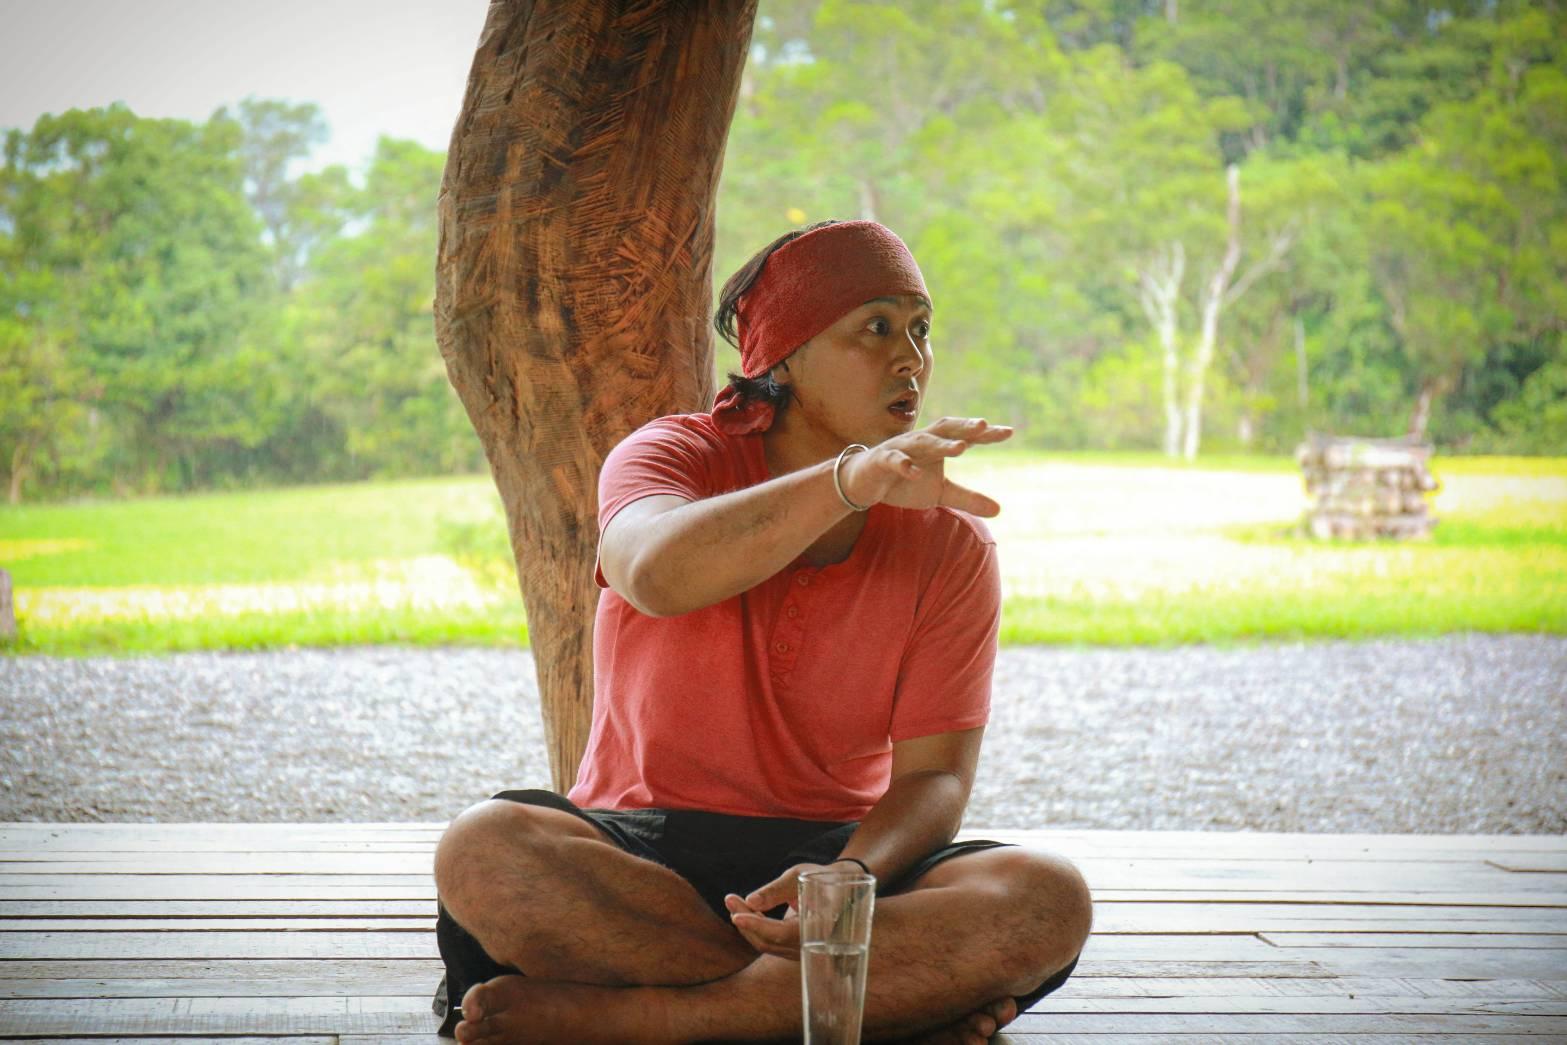 不老部落經營者Kwali和學員們分享重建部落的過程與心得。陳心慈攝影